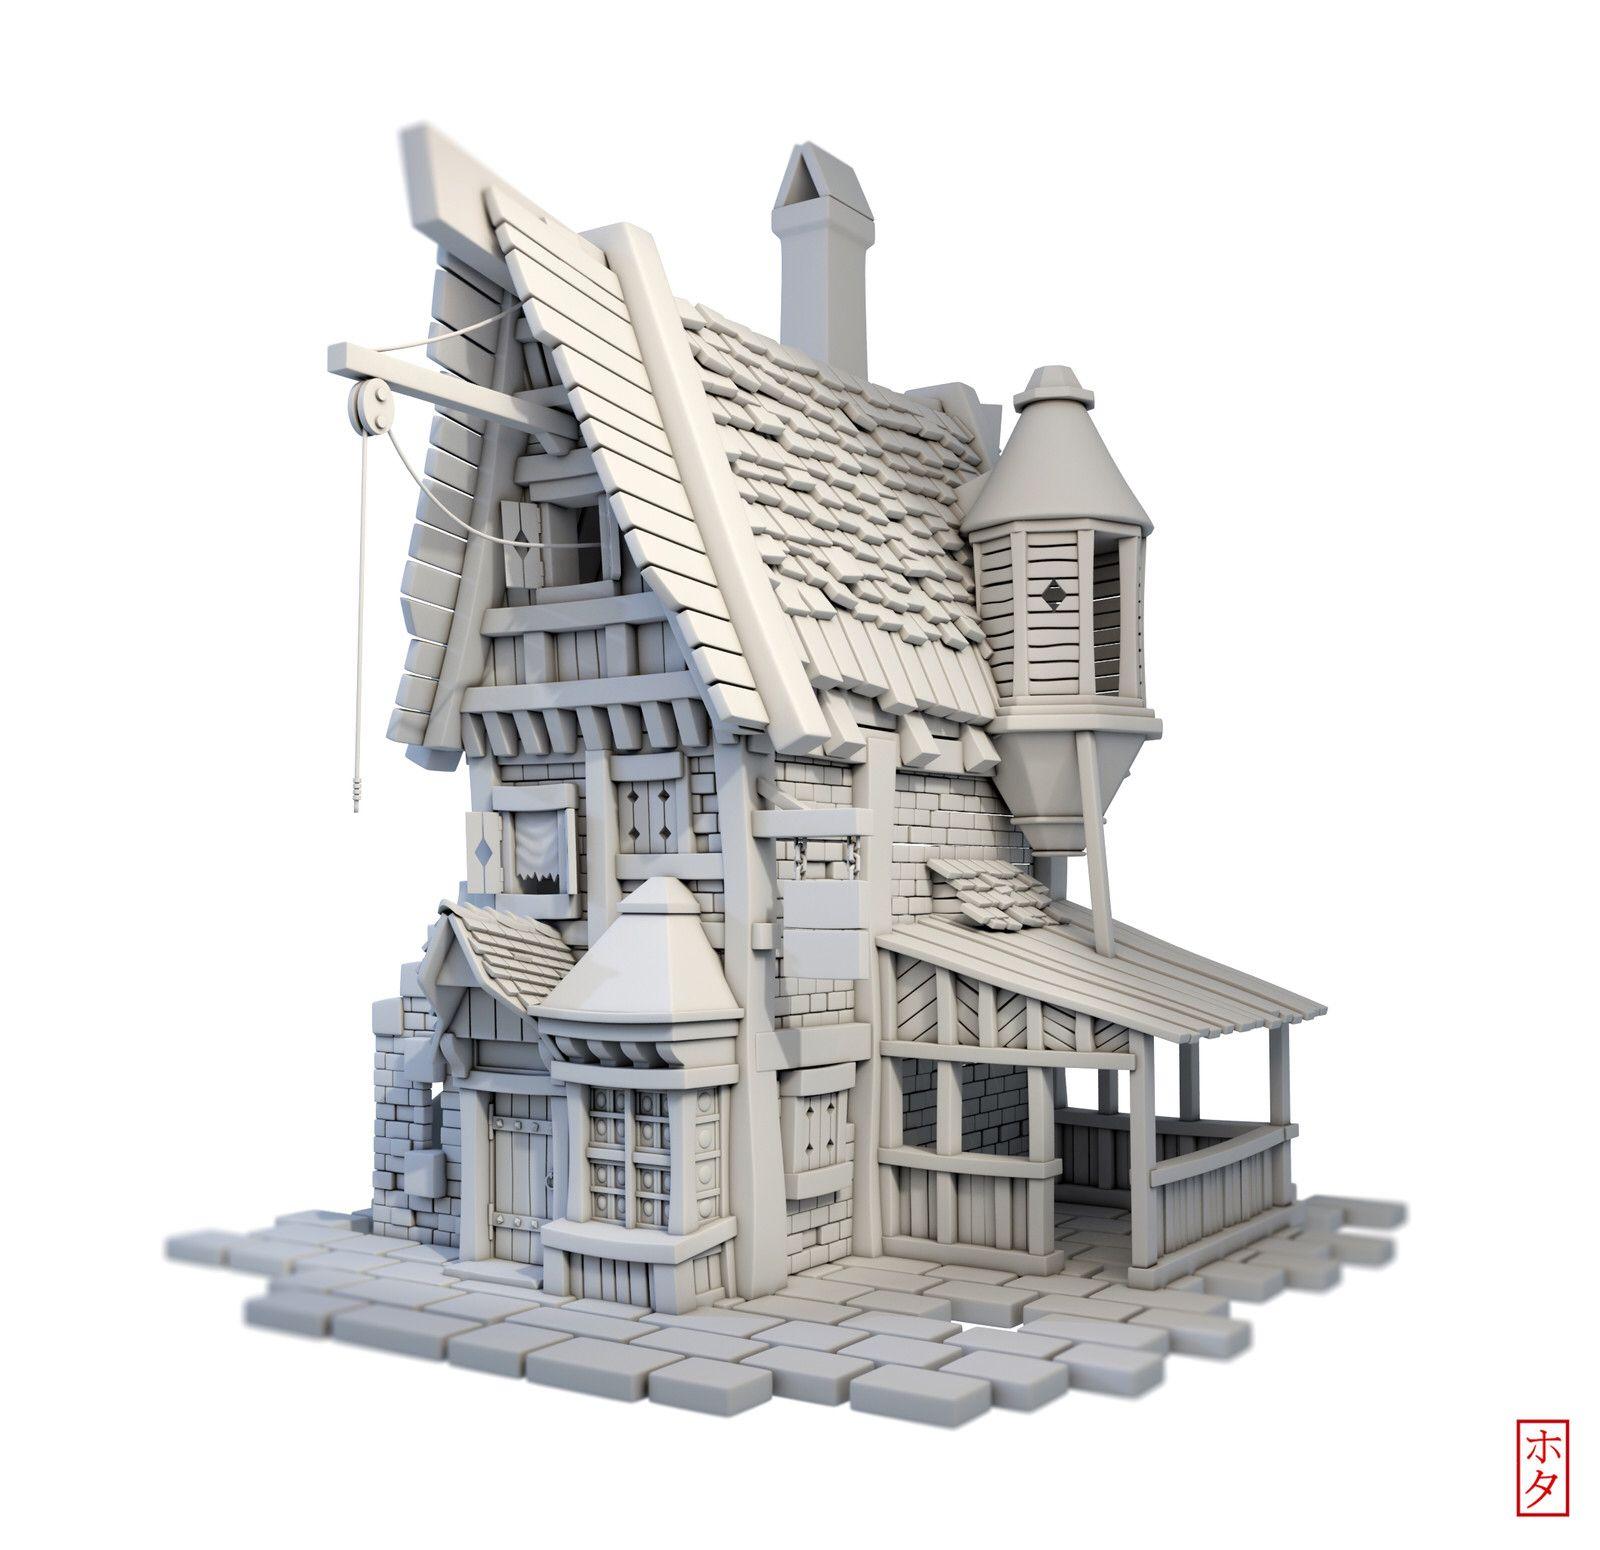 3d Modeler 건물 3d 모델링 건축